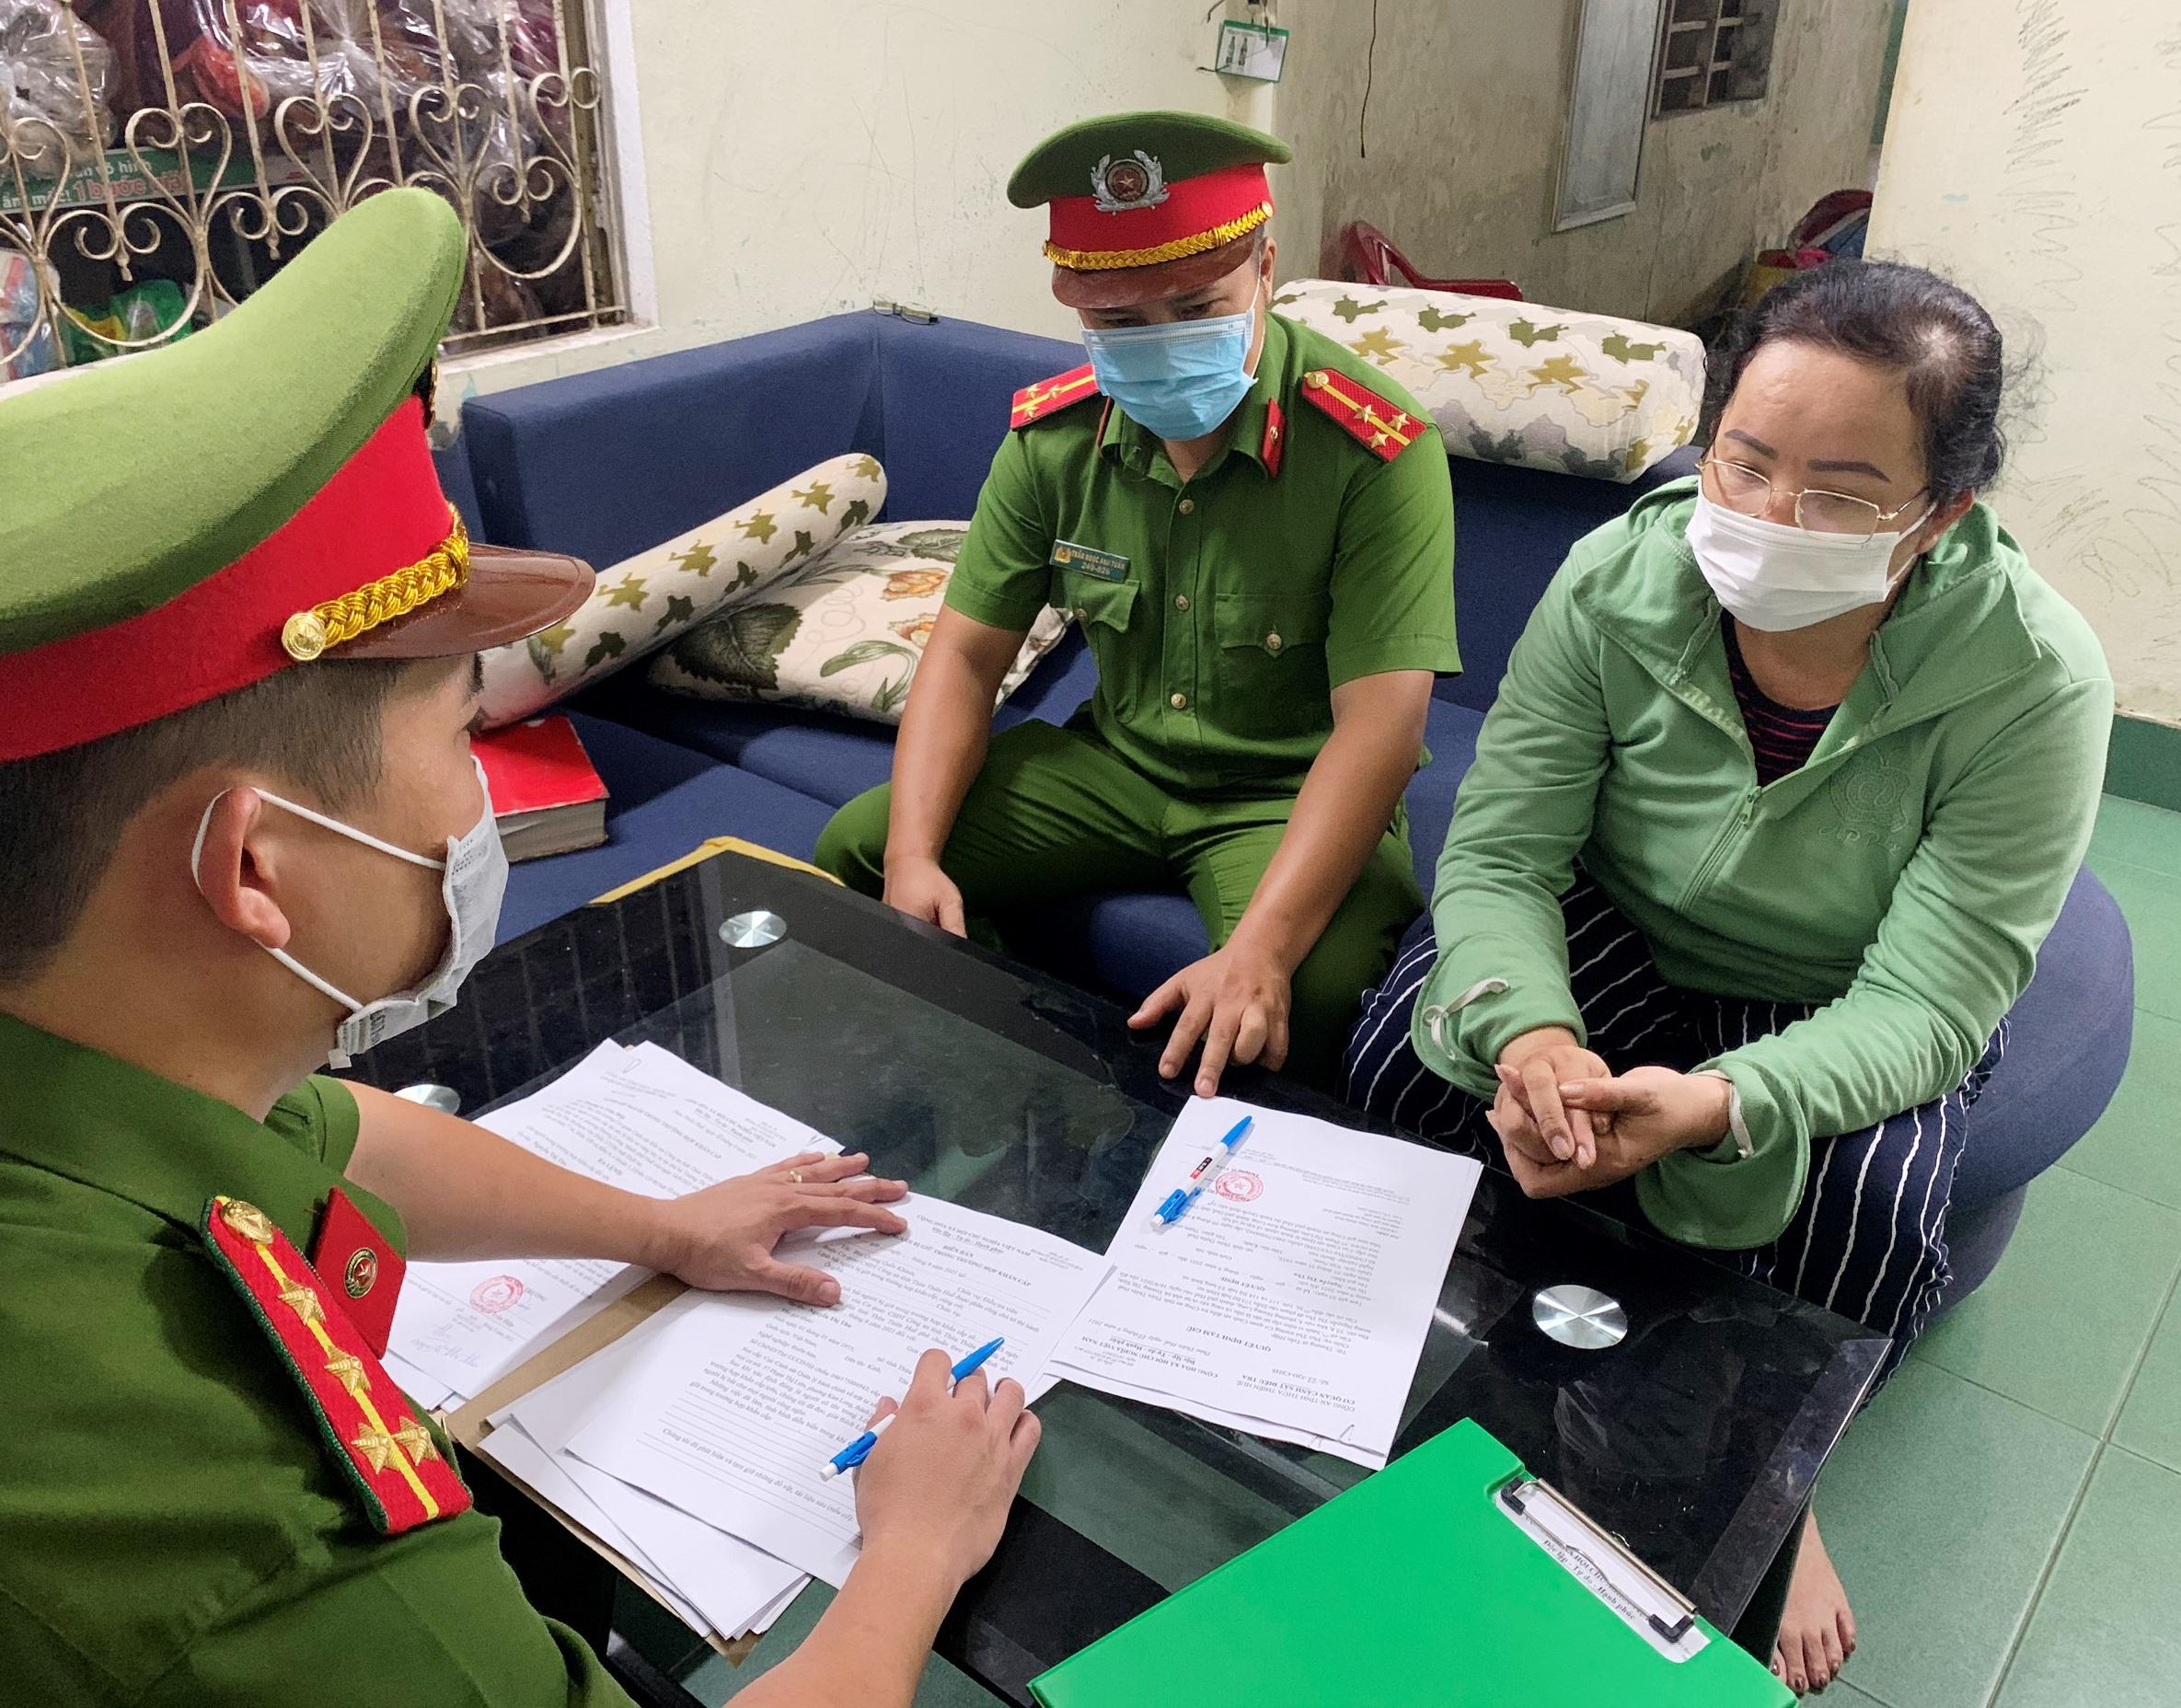 Bà Nguyễn Thị Thu khi làm việc với công an. Ảnh: Bùi Hùng.